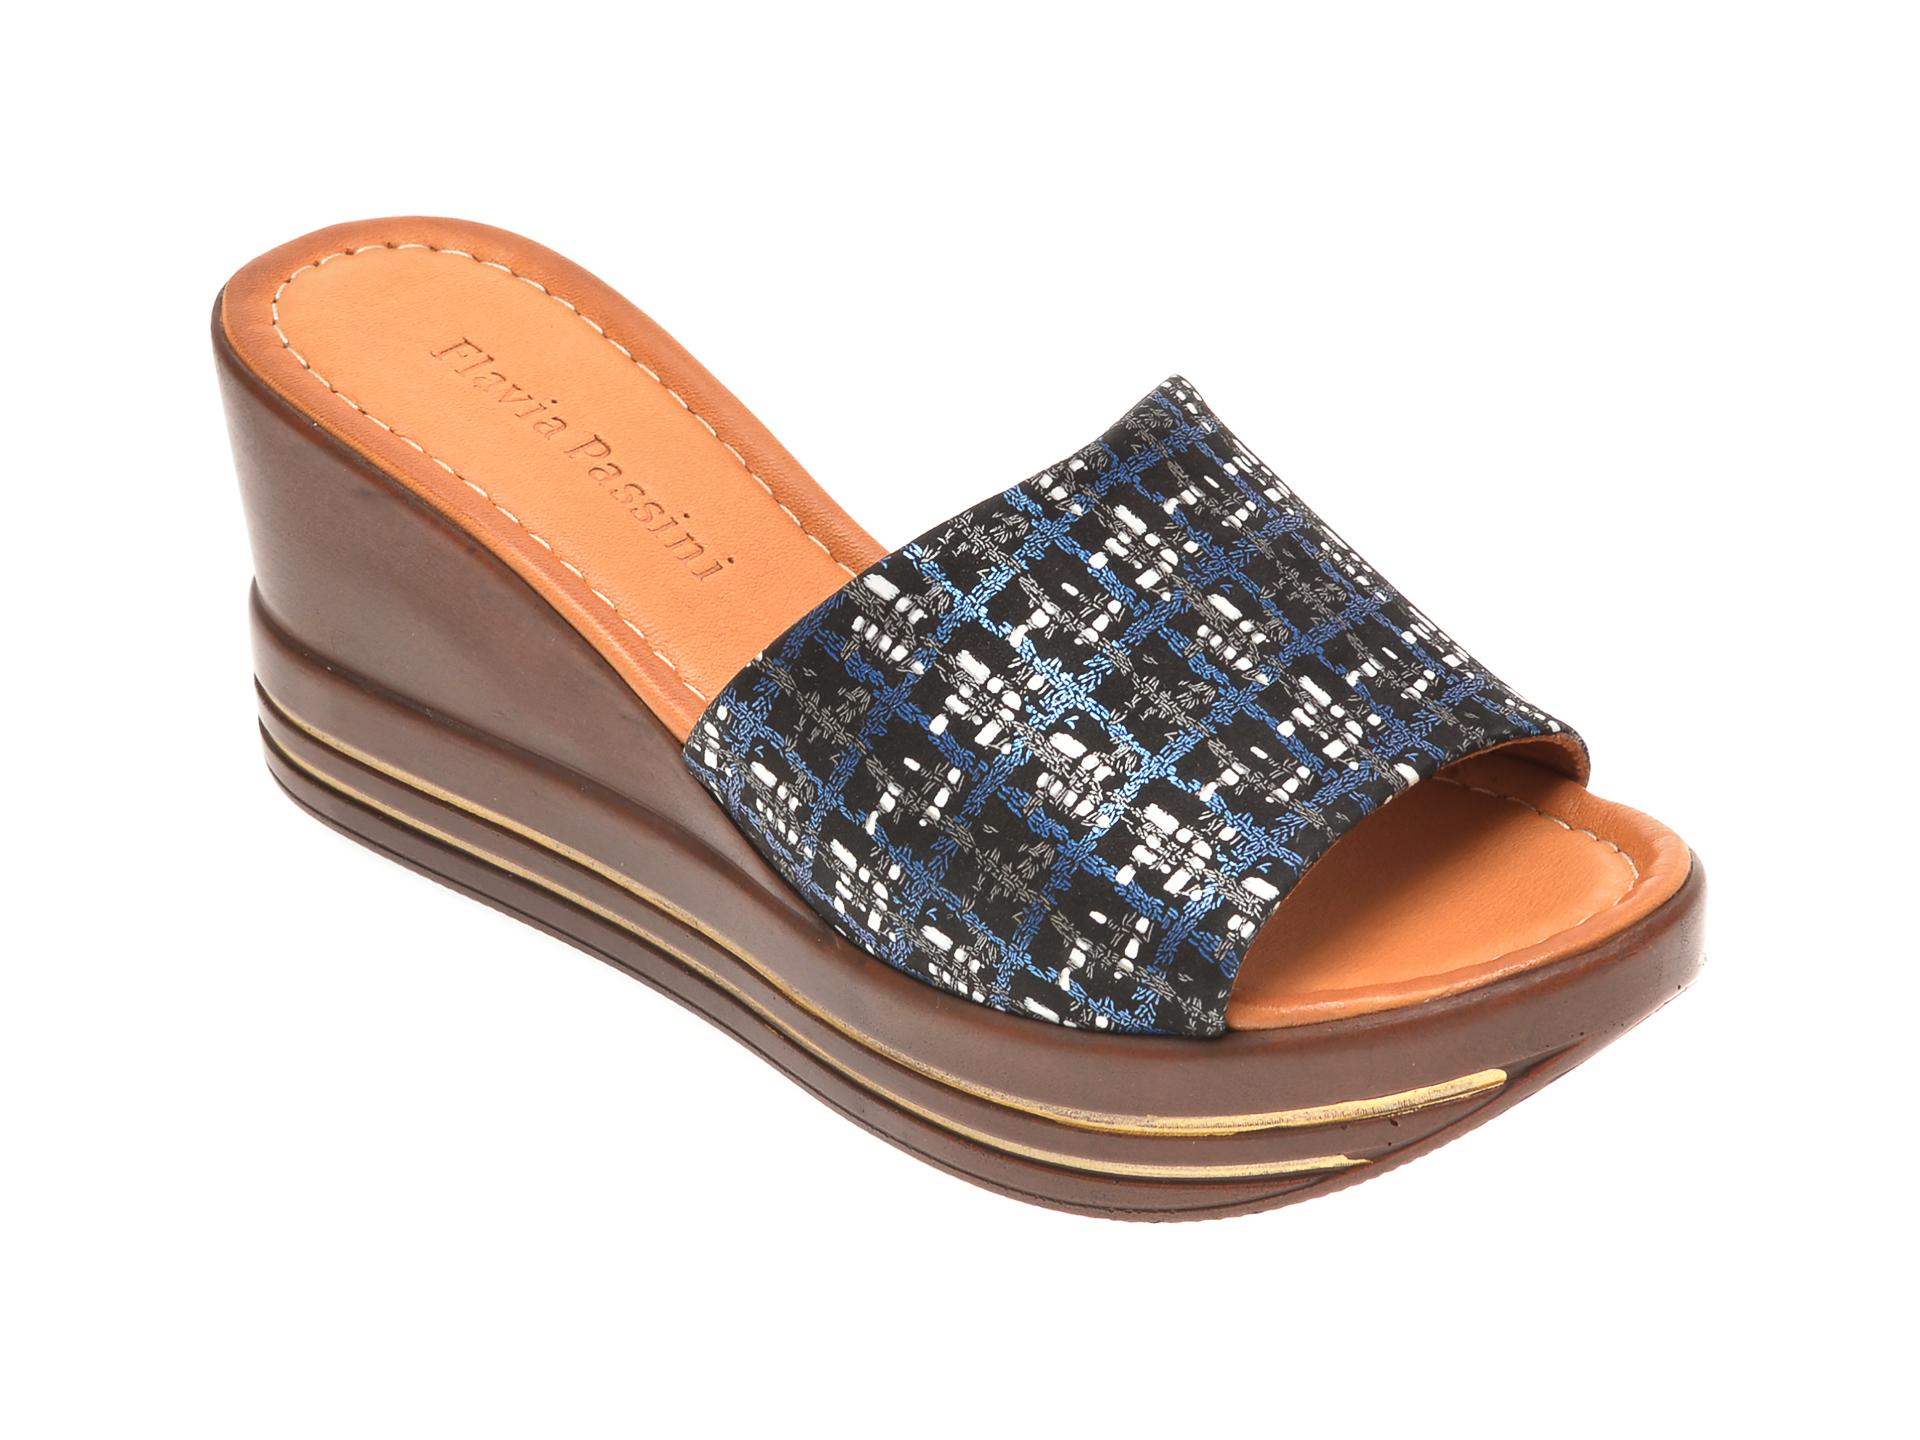 Papuci FLAVIA PASSINI multicolori, 1181513, din piele naturala